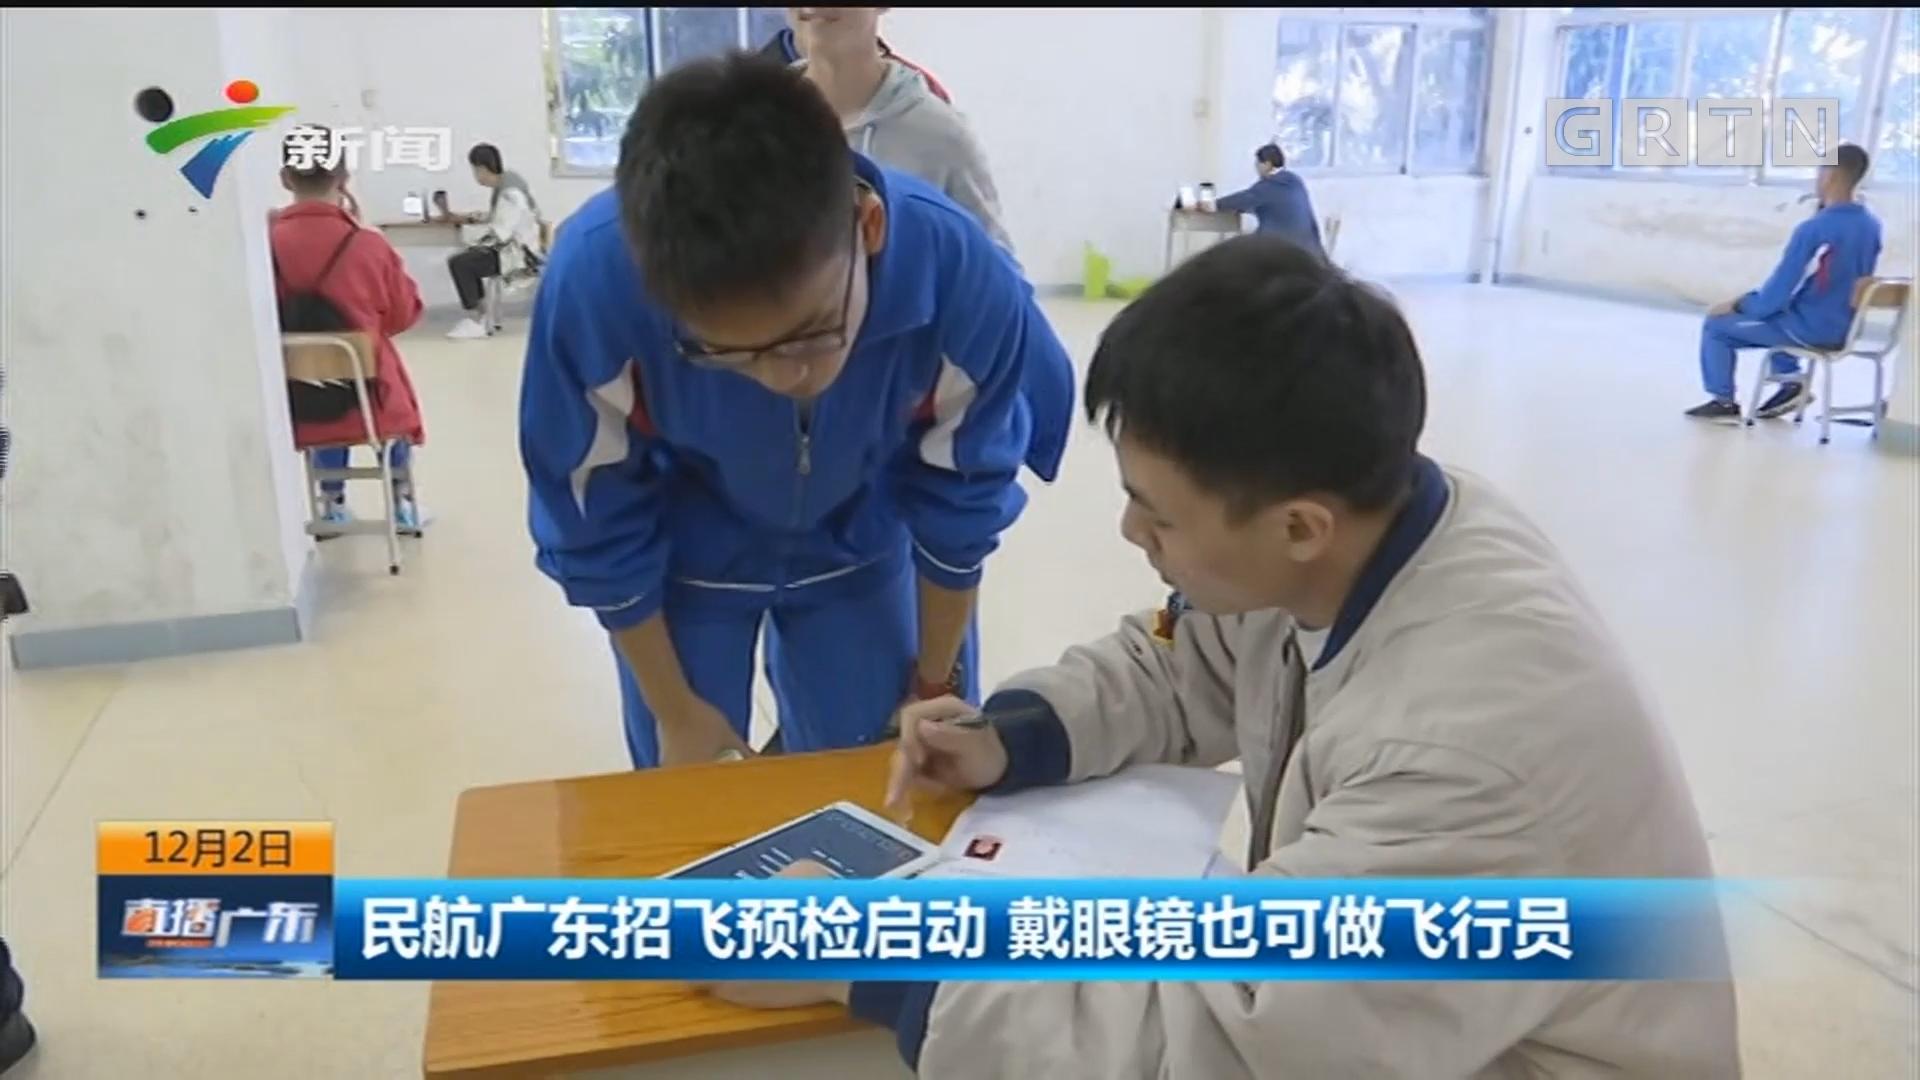 民航广东招飞预检启动 戴眼镜也可做飞行员